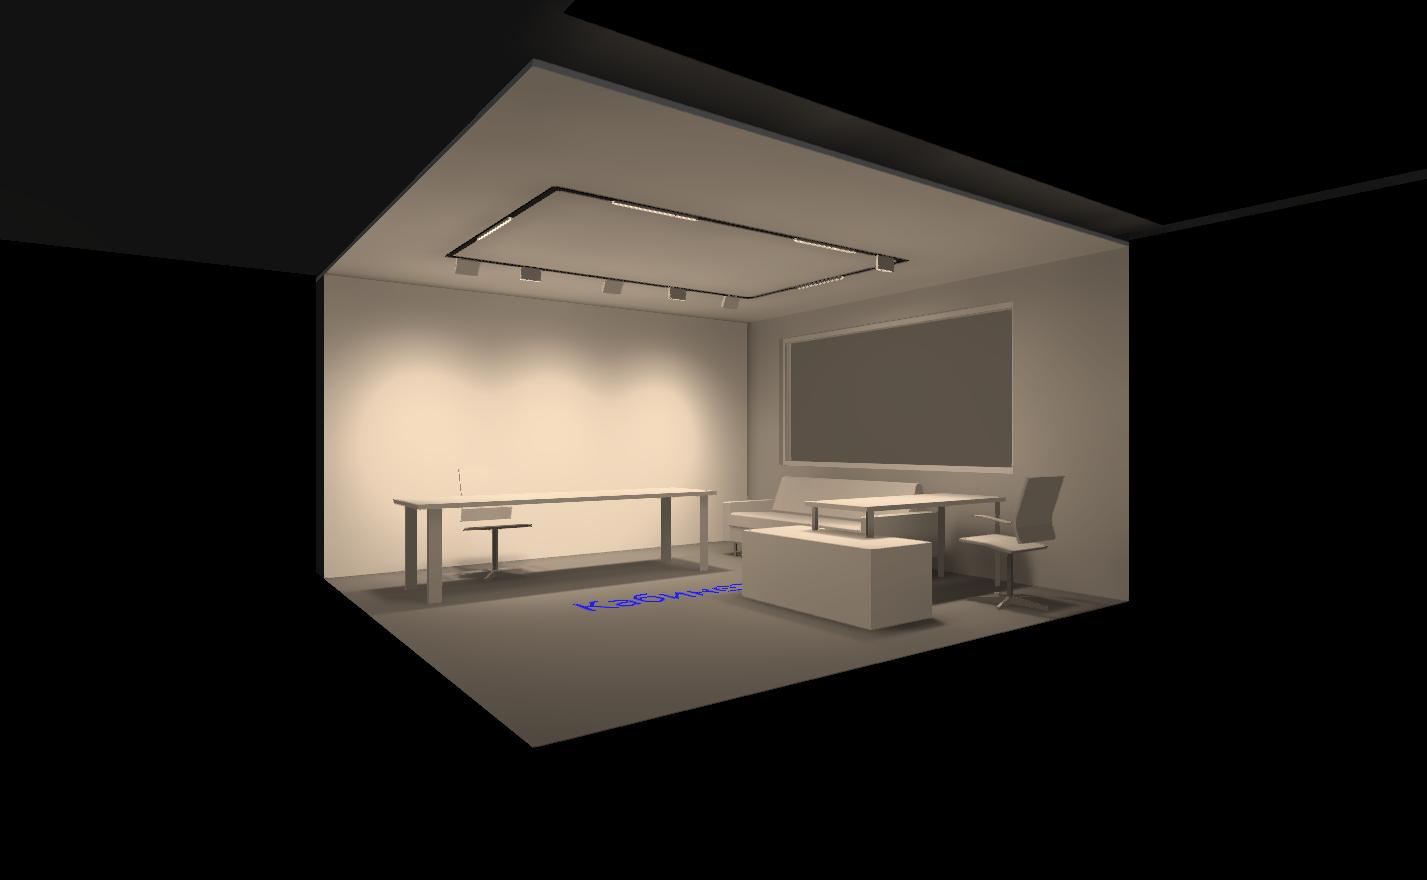 Дизайн профильной системы освещения для кабинета